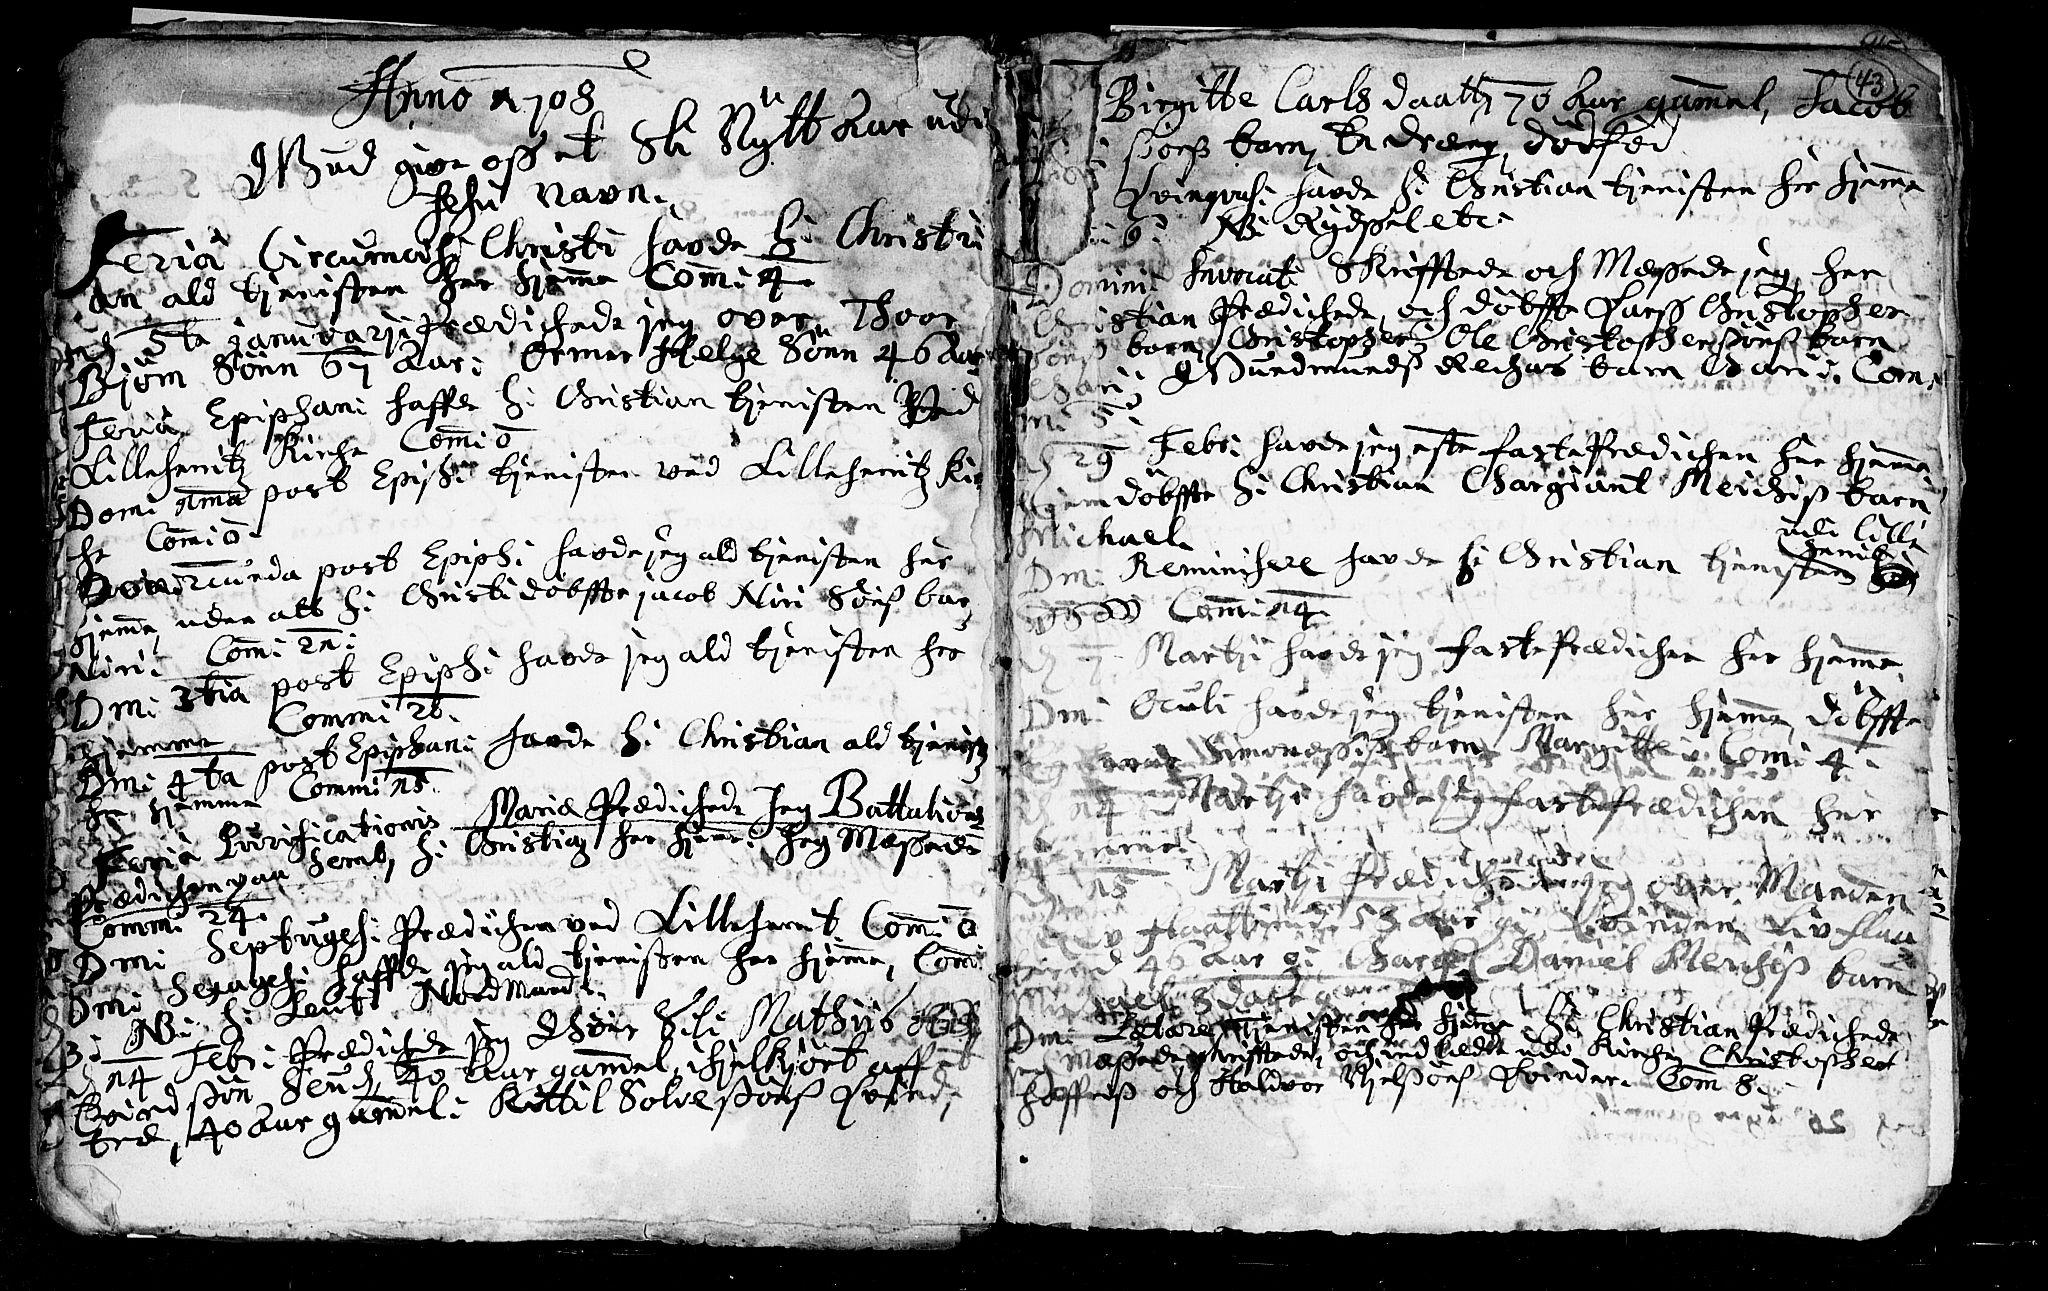 SAKO, Heddal kirkebøker, F/Fa/L0002: Ministerialbok nr. I 2, 1699-1722, s. 43